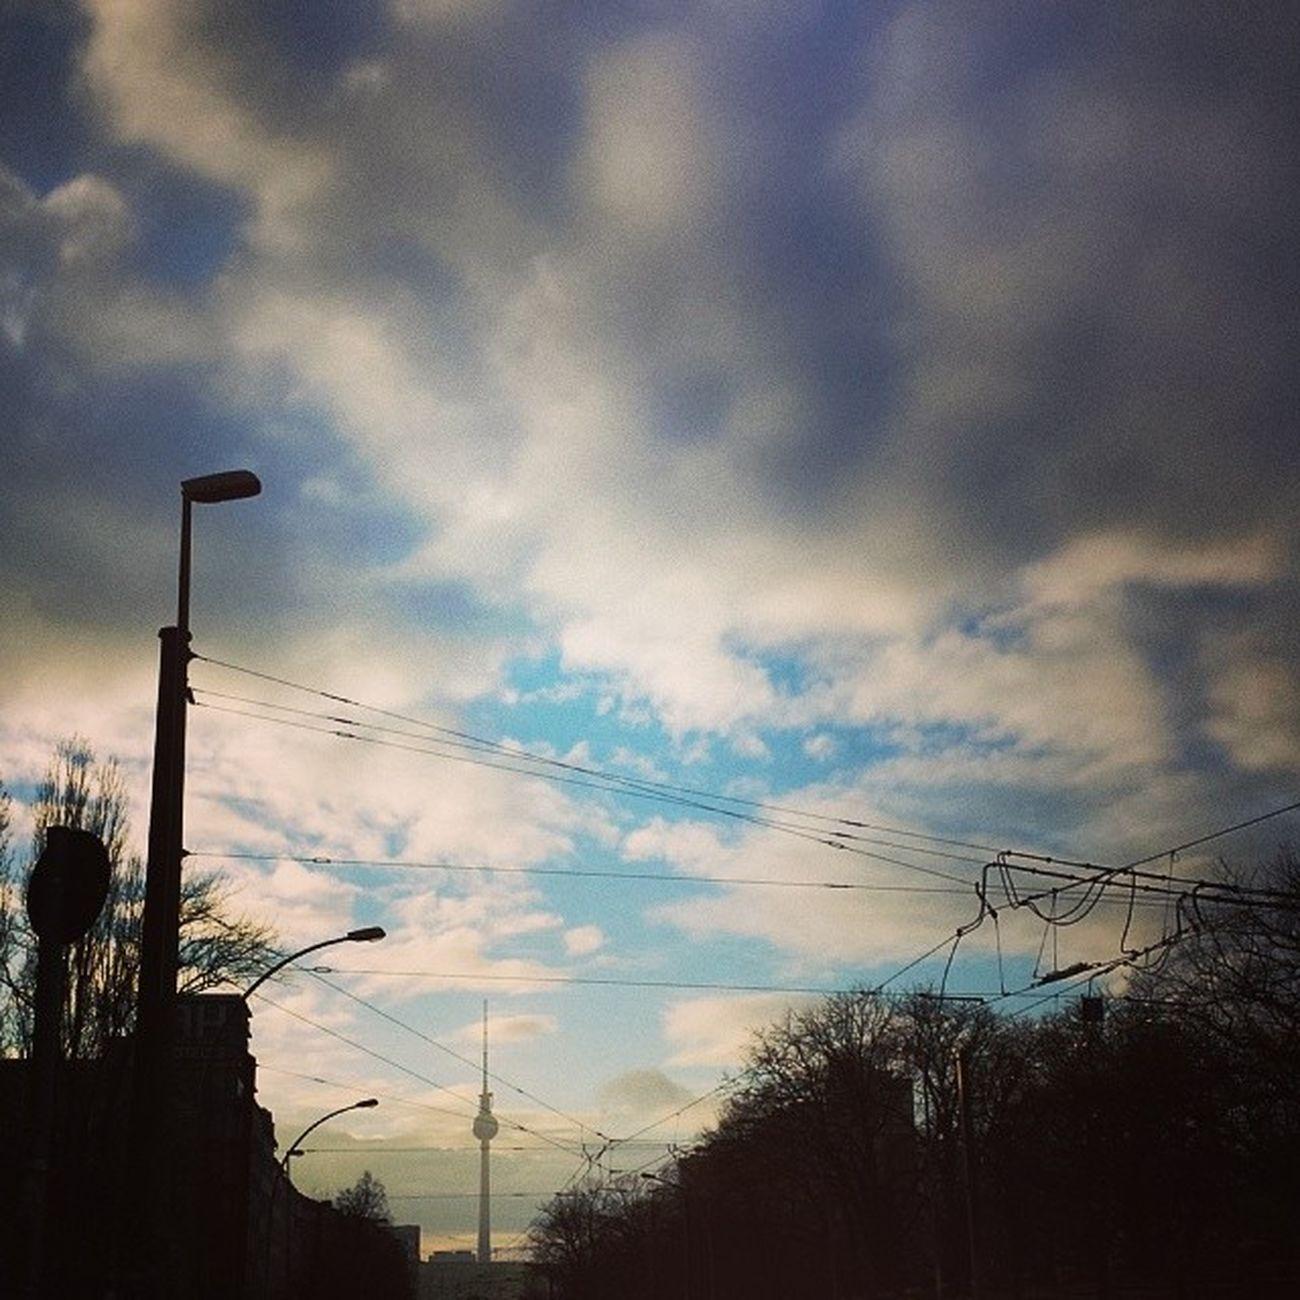 Berlincalling Bluesky Clouds Guteaussichten